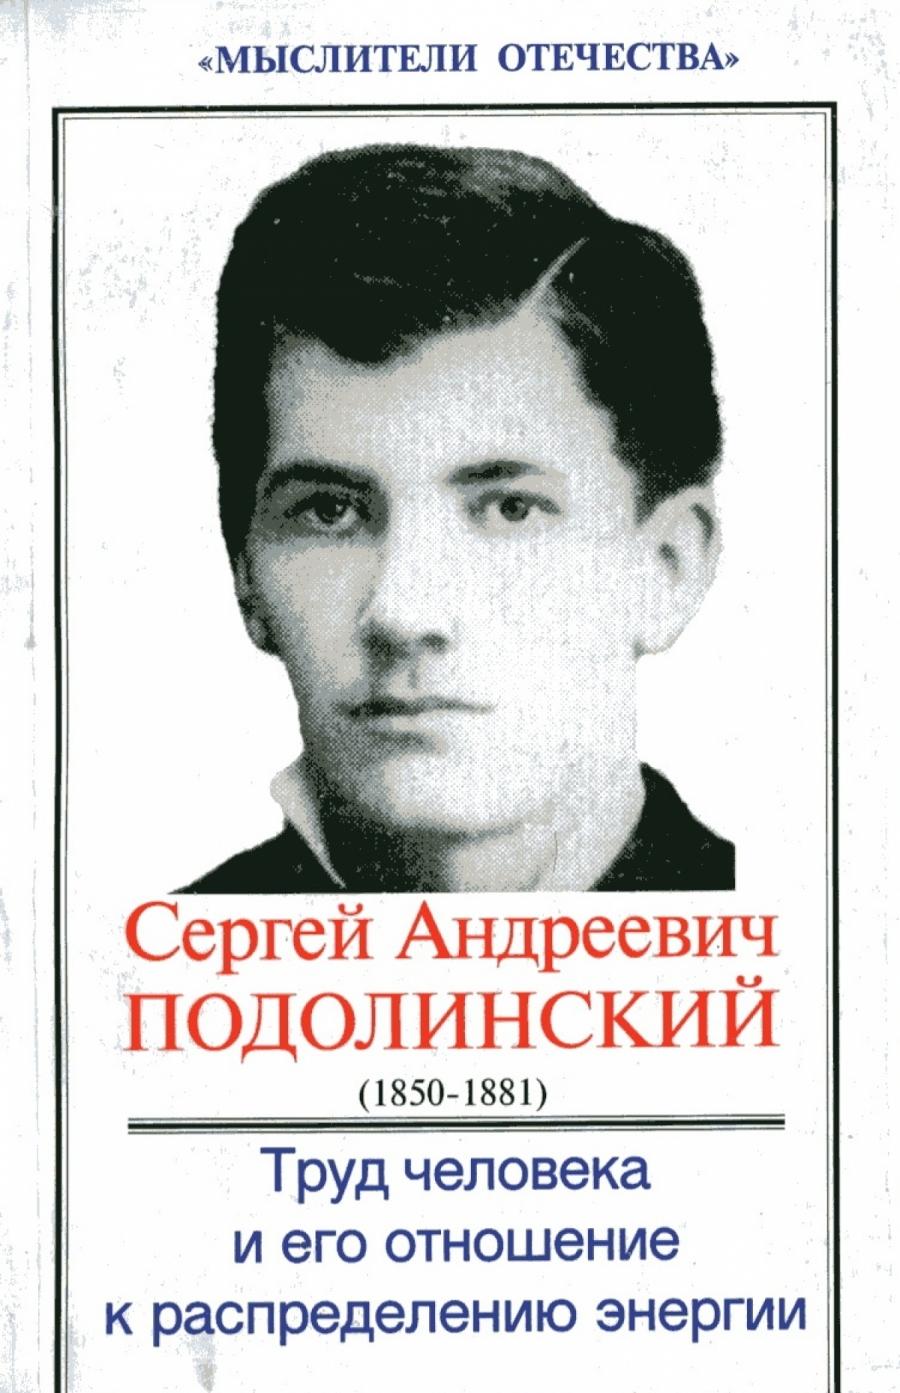 Обложка книги:  подолинский с.а. - труд человека и его отношение к распределению энергии